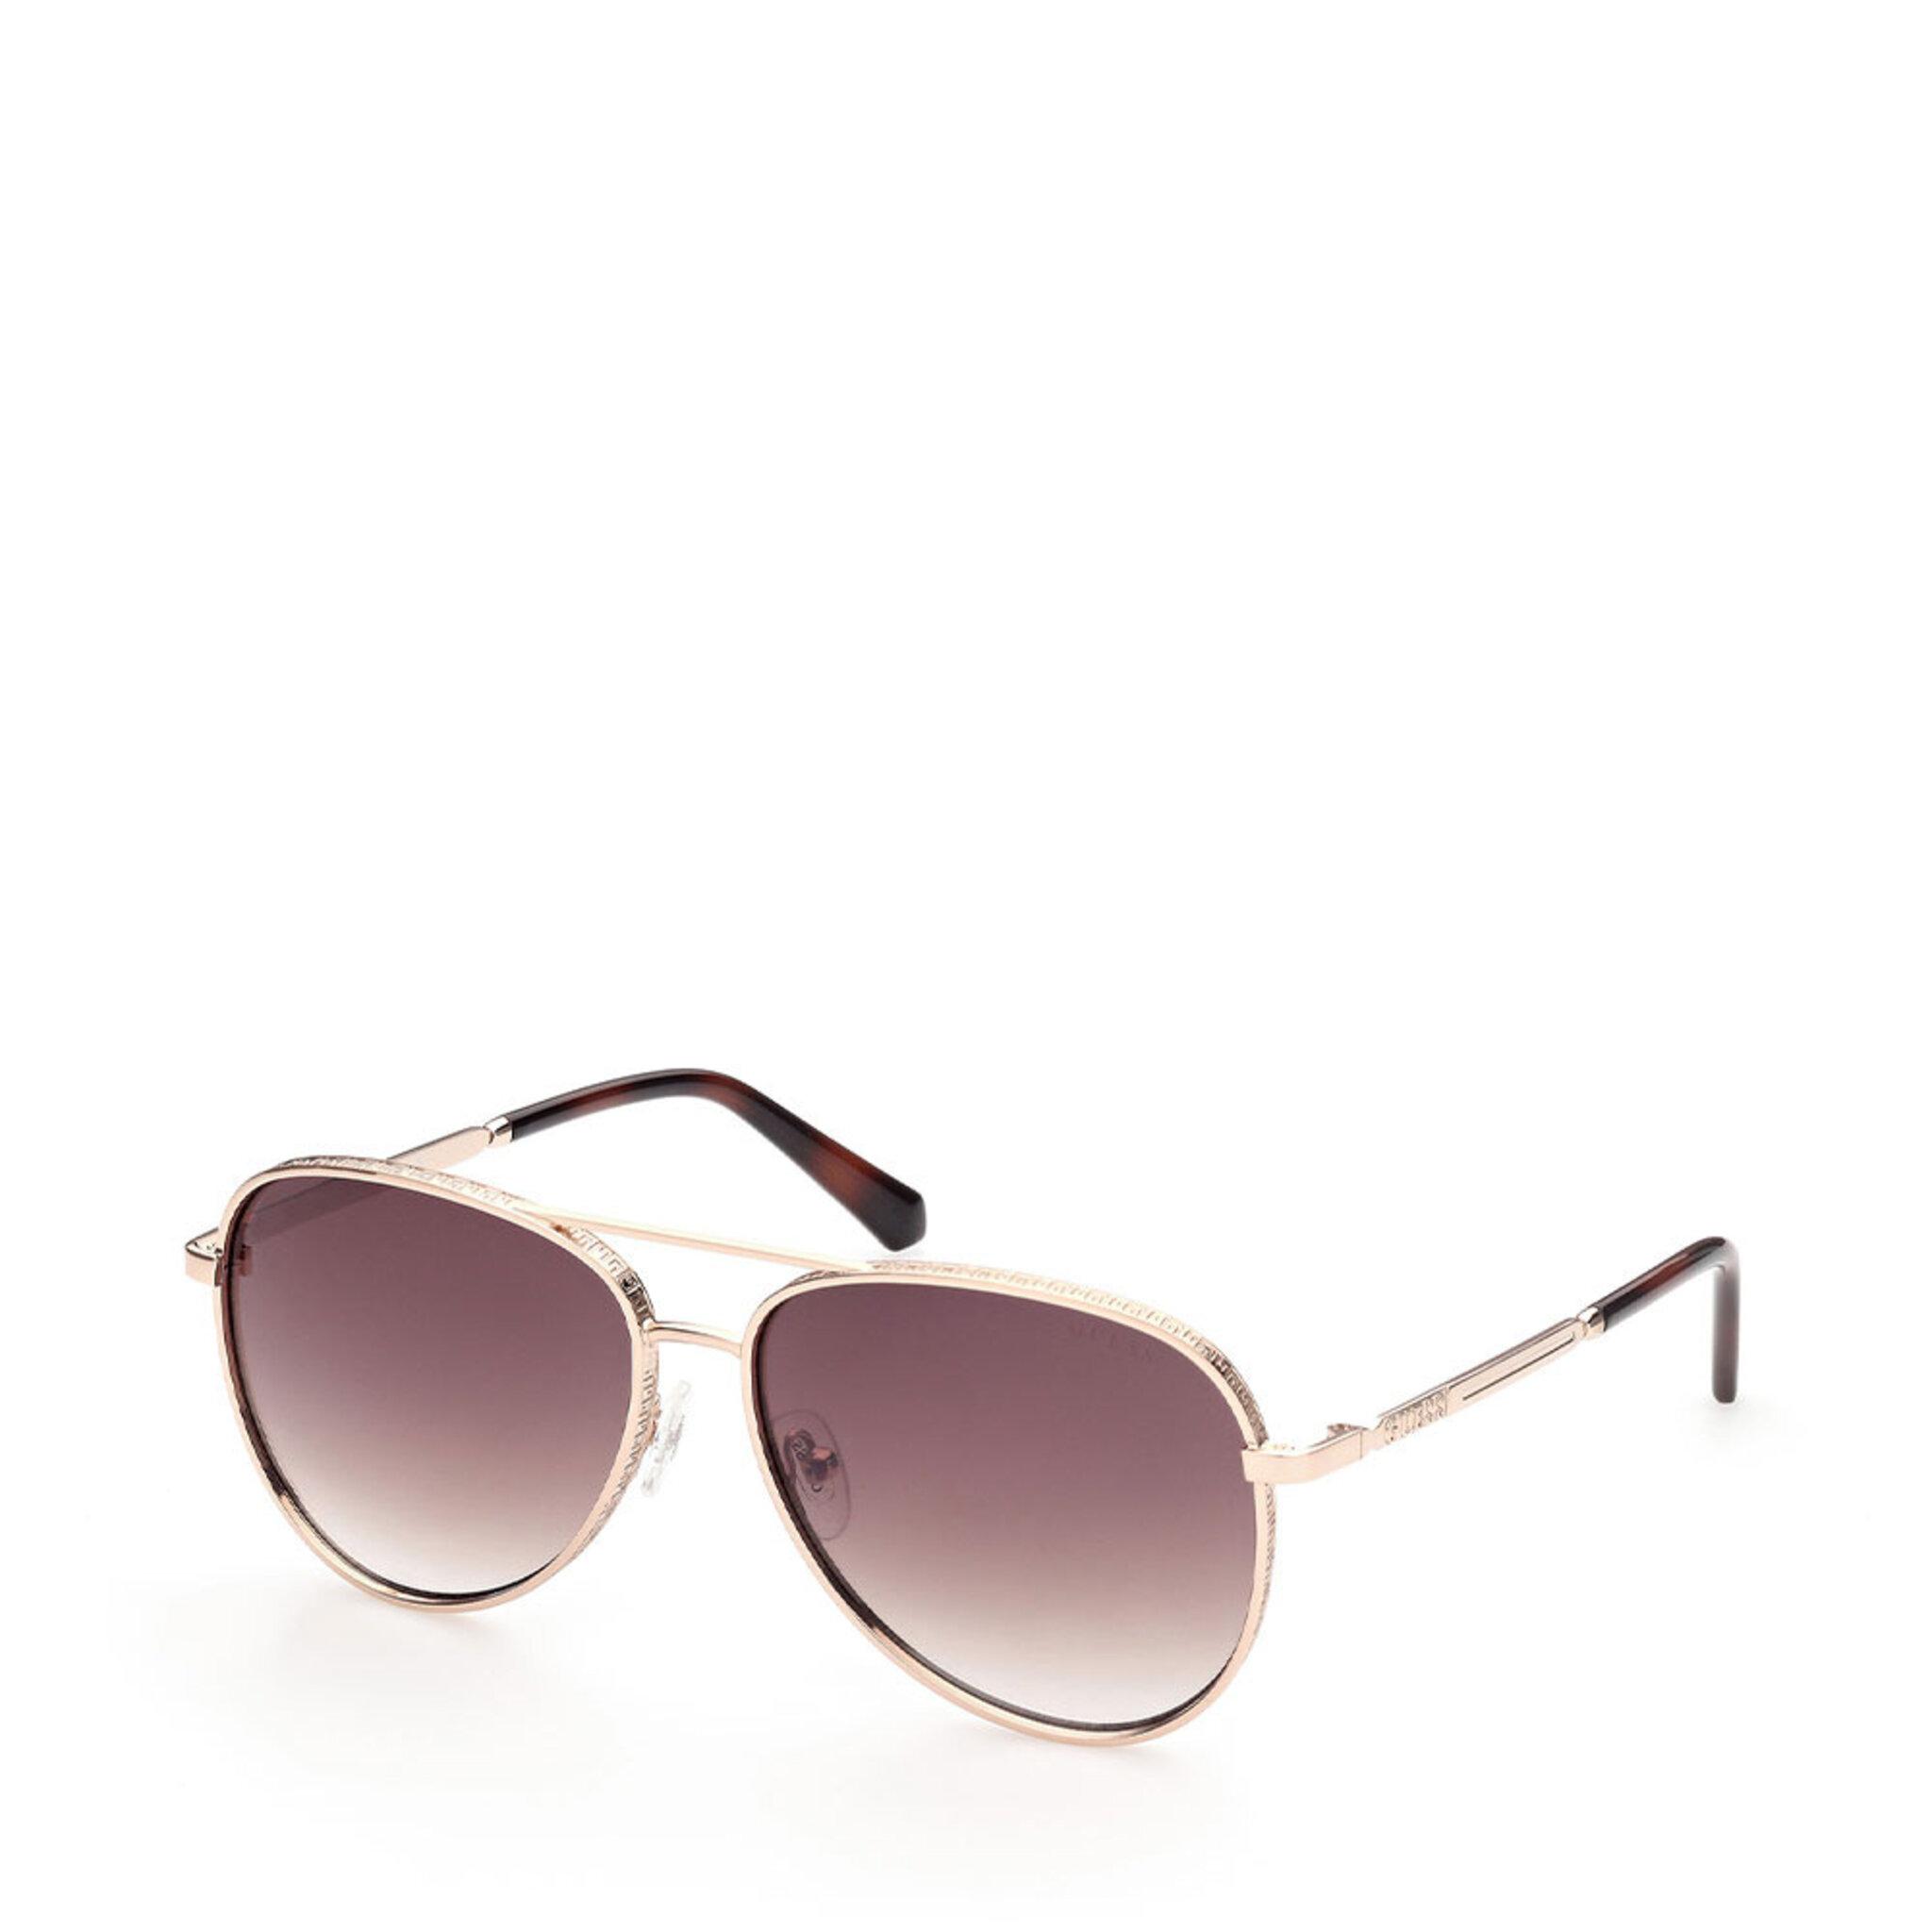 Sunglasses GU5206